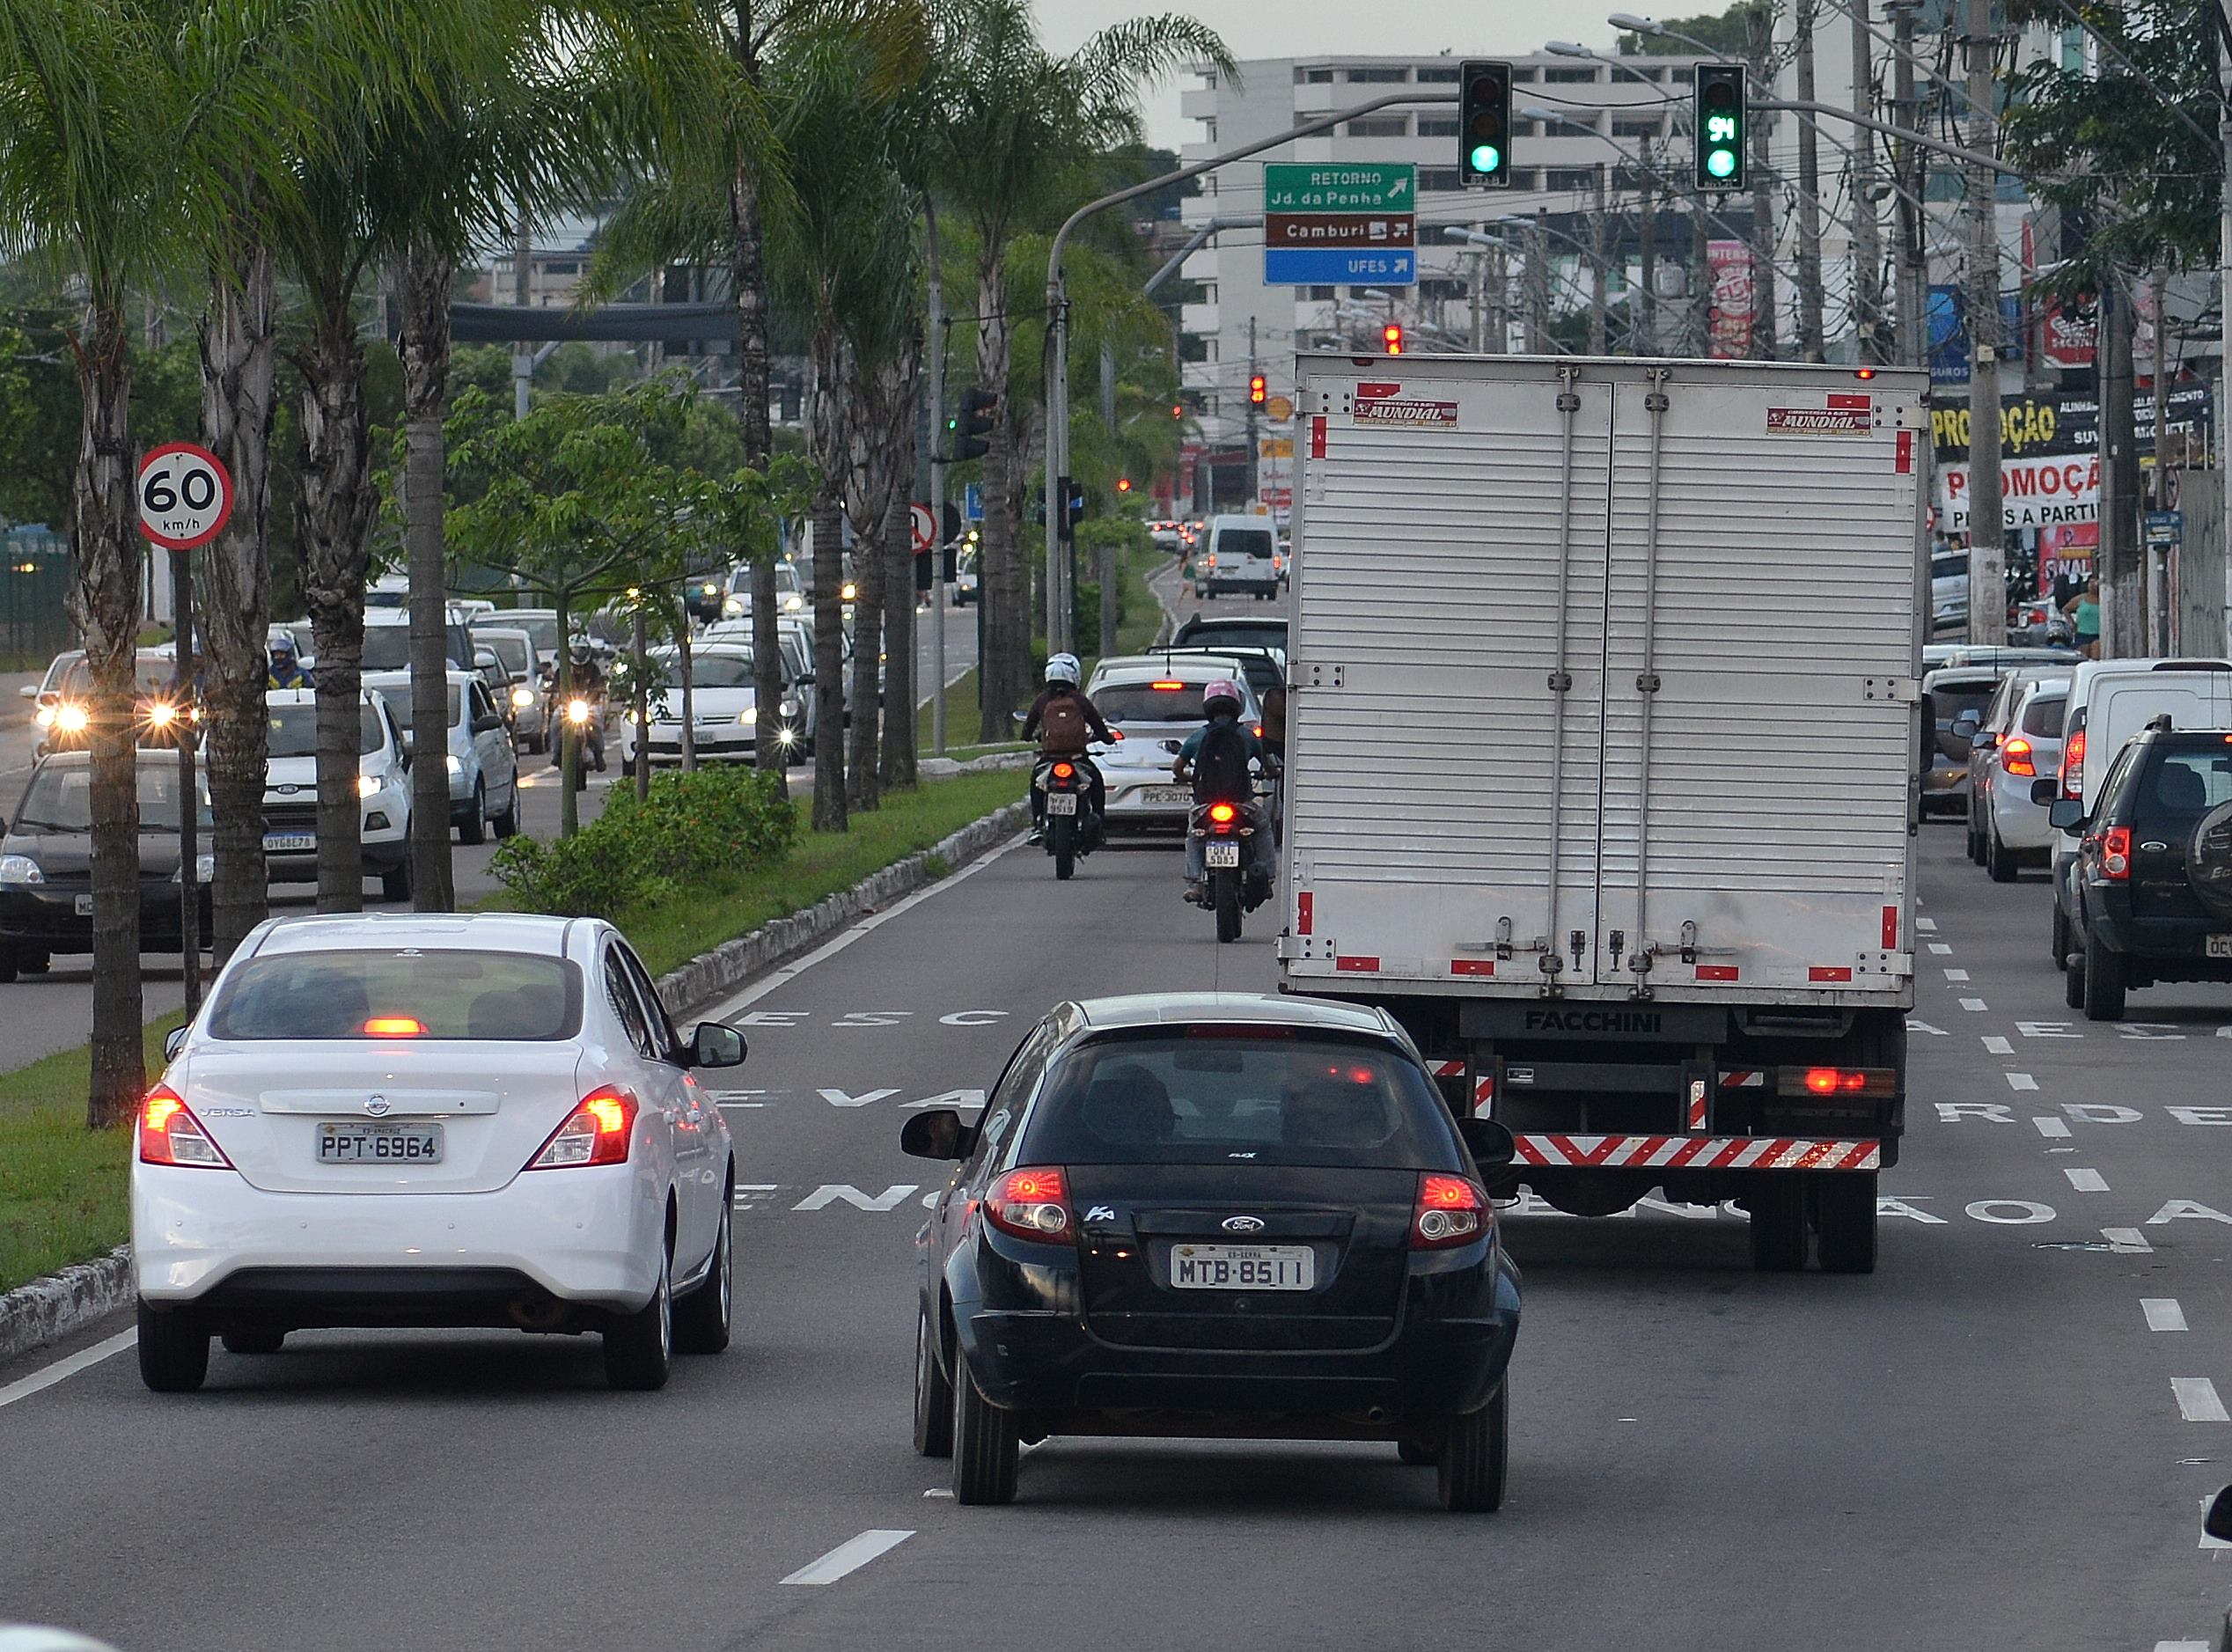 Carro mudando de faixa sem uso de seta: risco de acidentes de trânsito. Foto: Chico Guedes